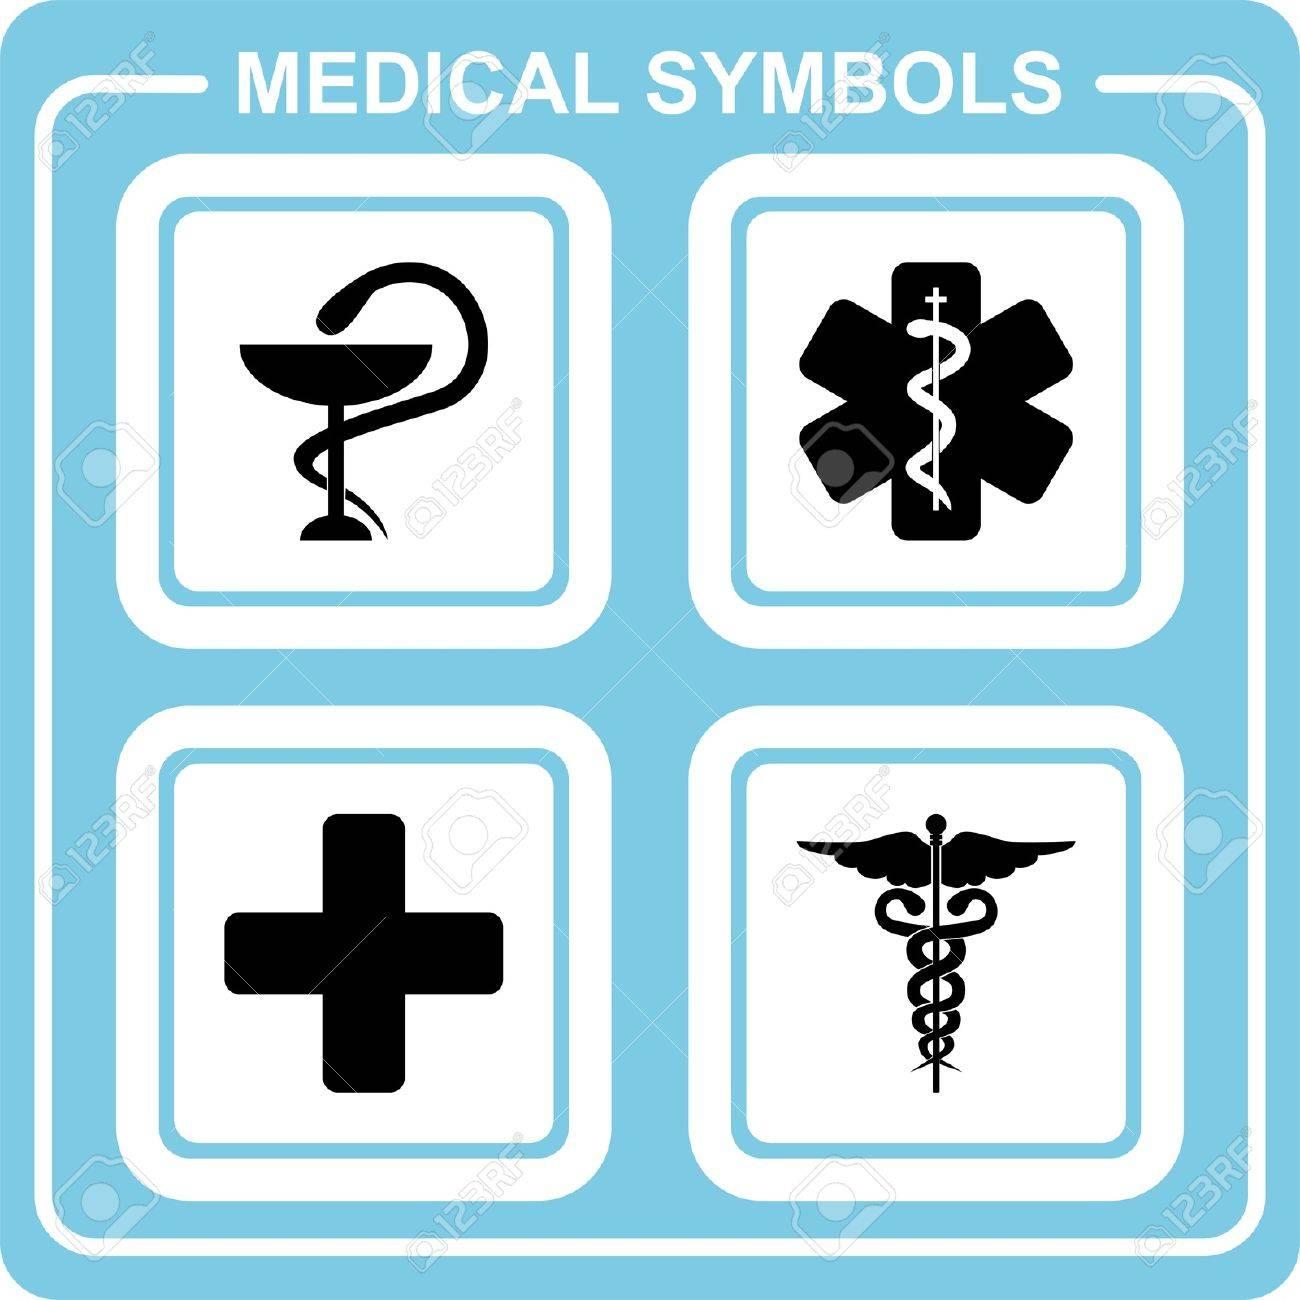 Medical symbols Stock Vector - 19599564